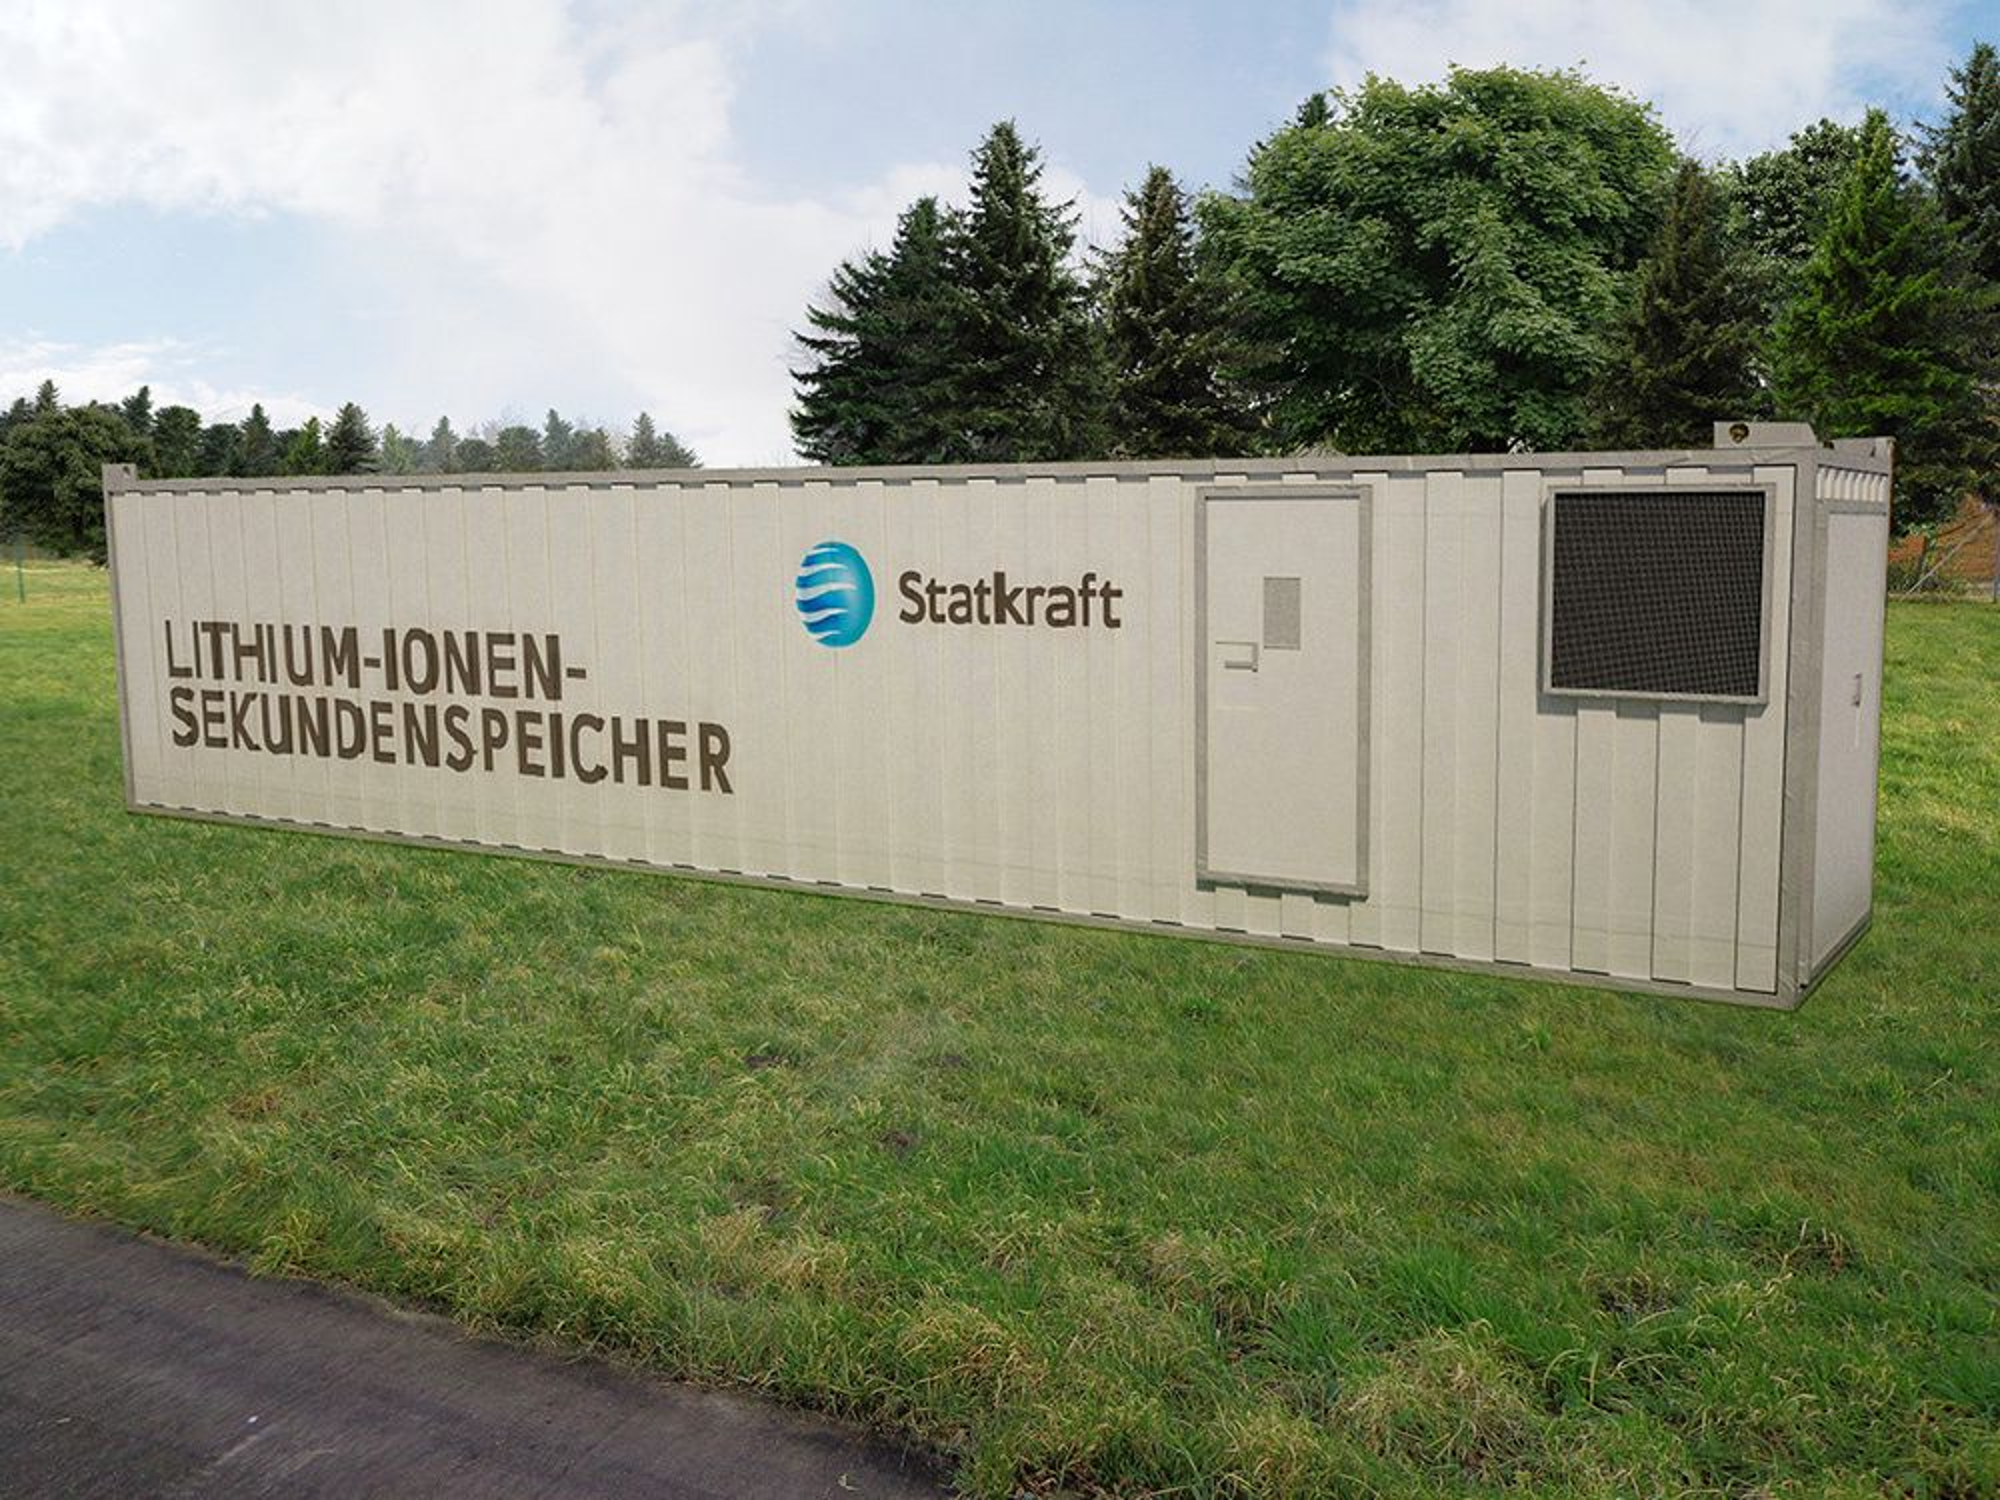 Statkraft setter opp tre kontainere med batterier på 1 MW hver som skal levere regulerkraft til det tyske strømnettet.